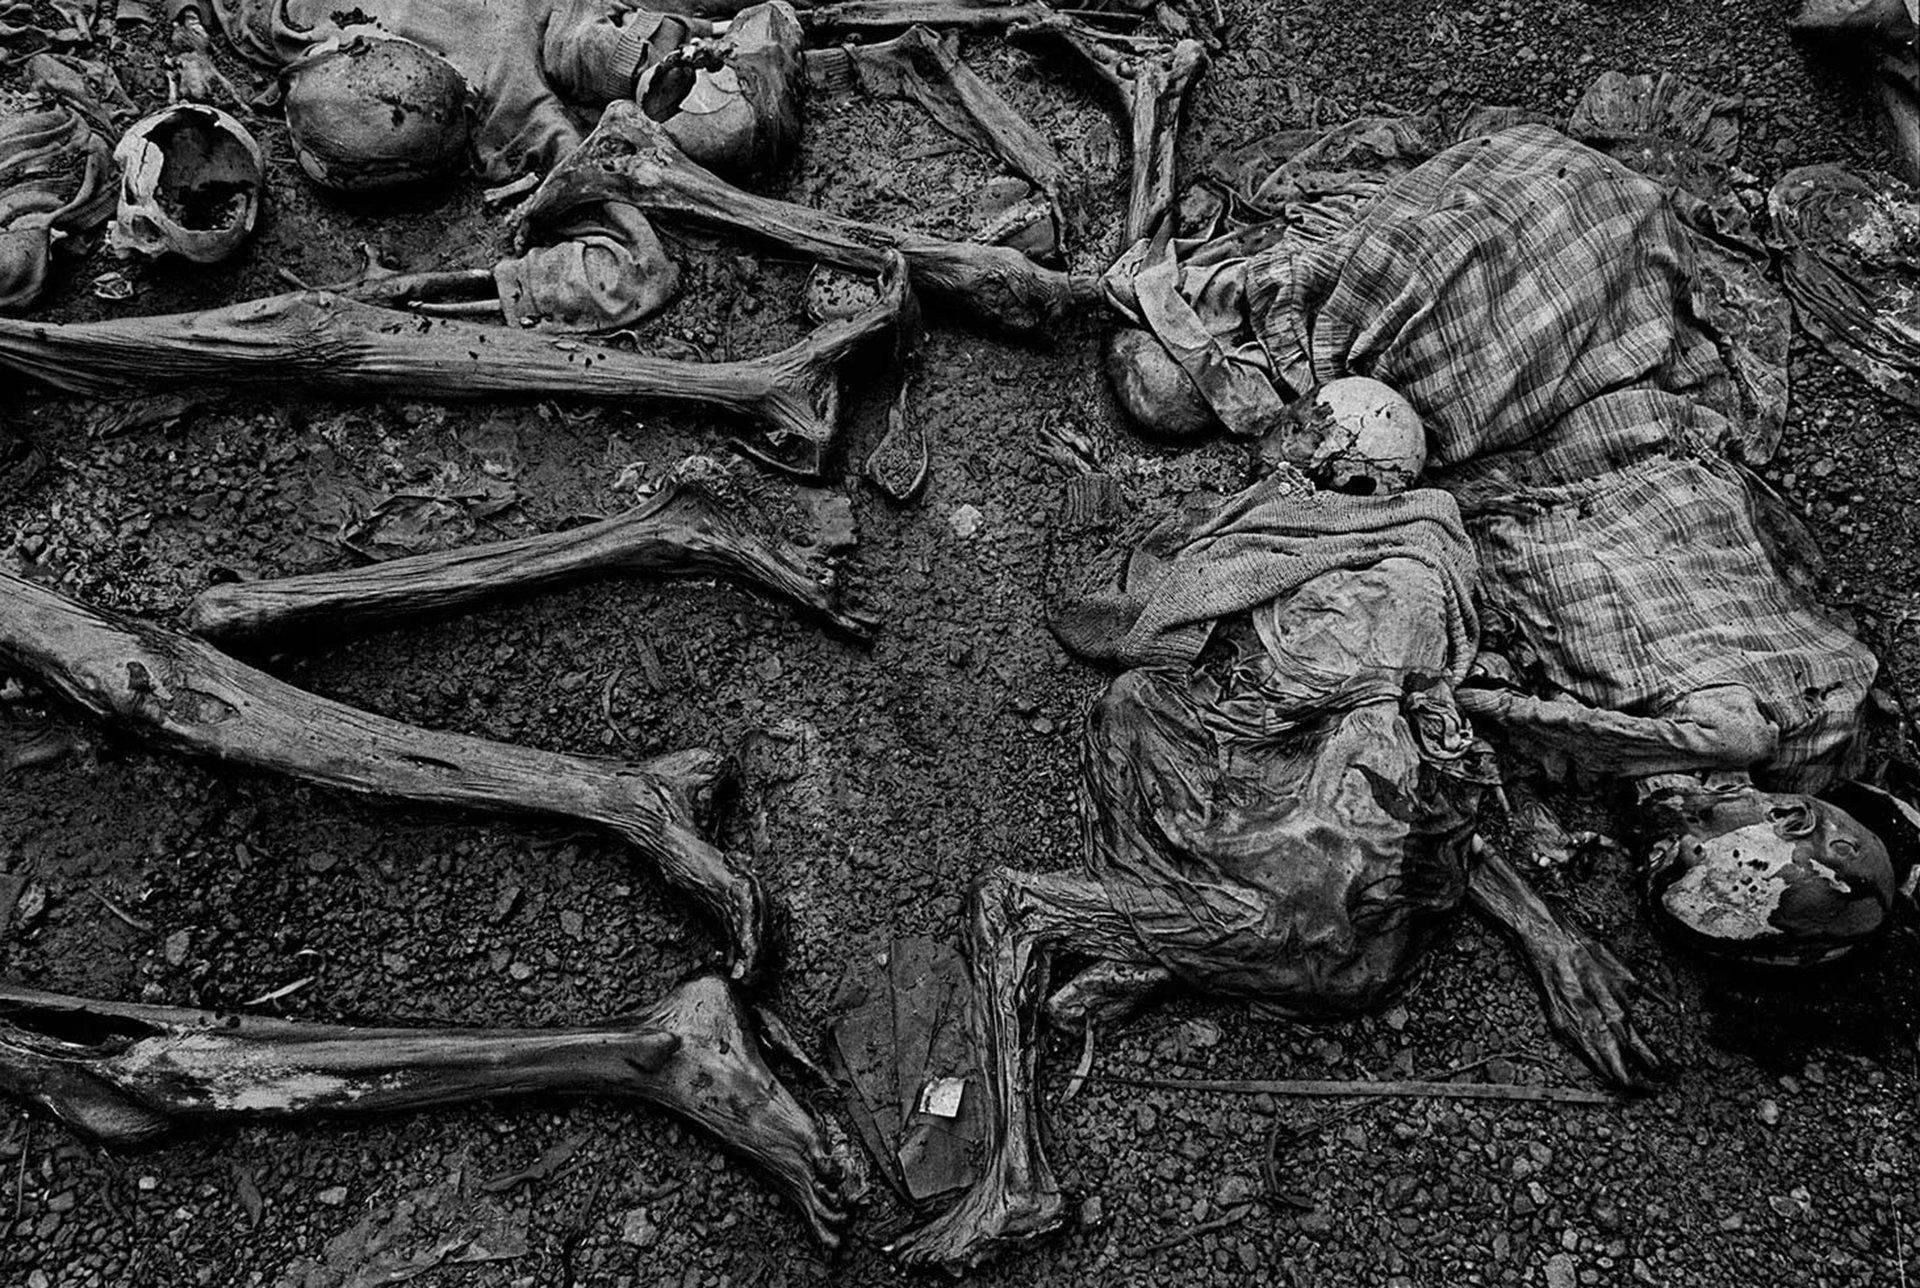 (Ruanda, 1994). He sido testigo y estas fotografías son mi testimonio. Los hechos que he registrado no deben ser olvidados y no deben repetirse, escribió en su página web